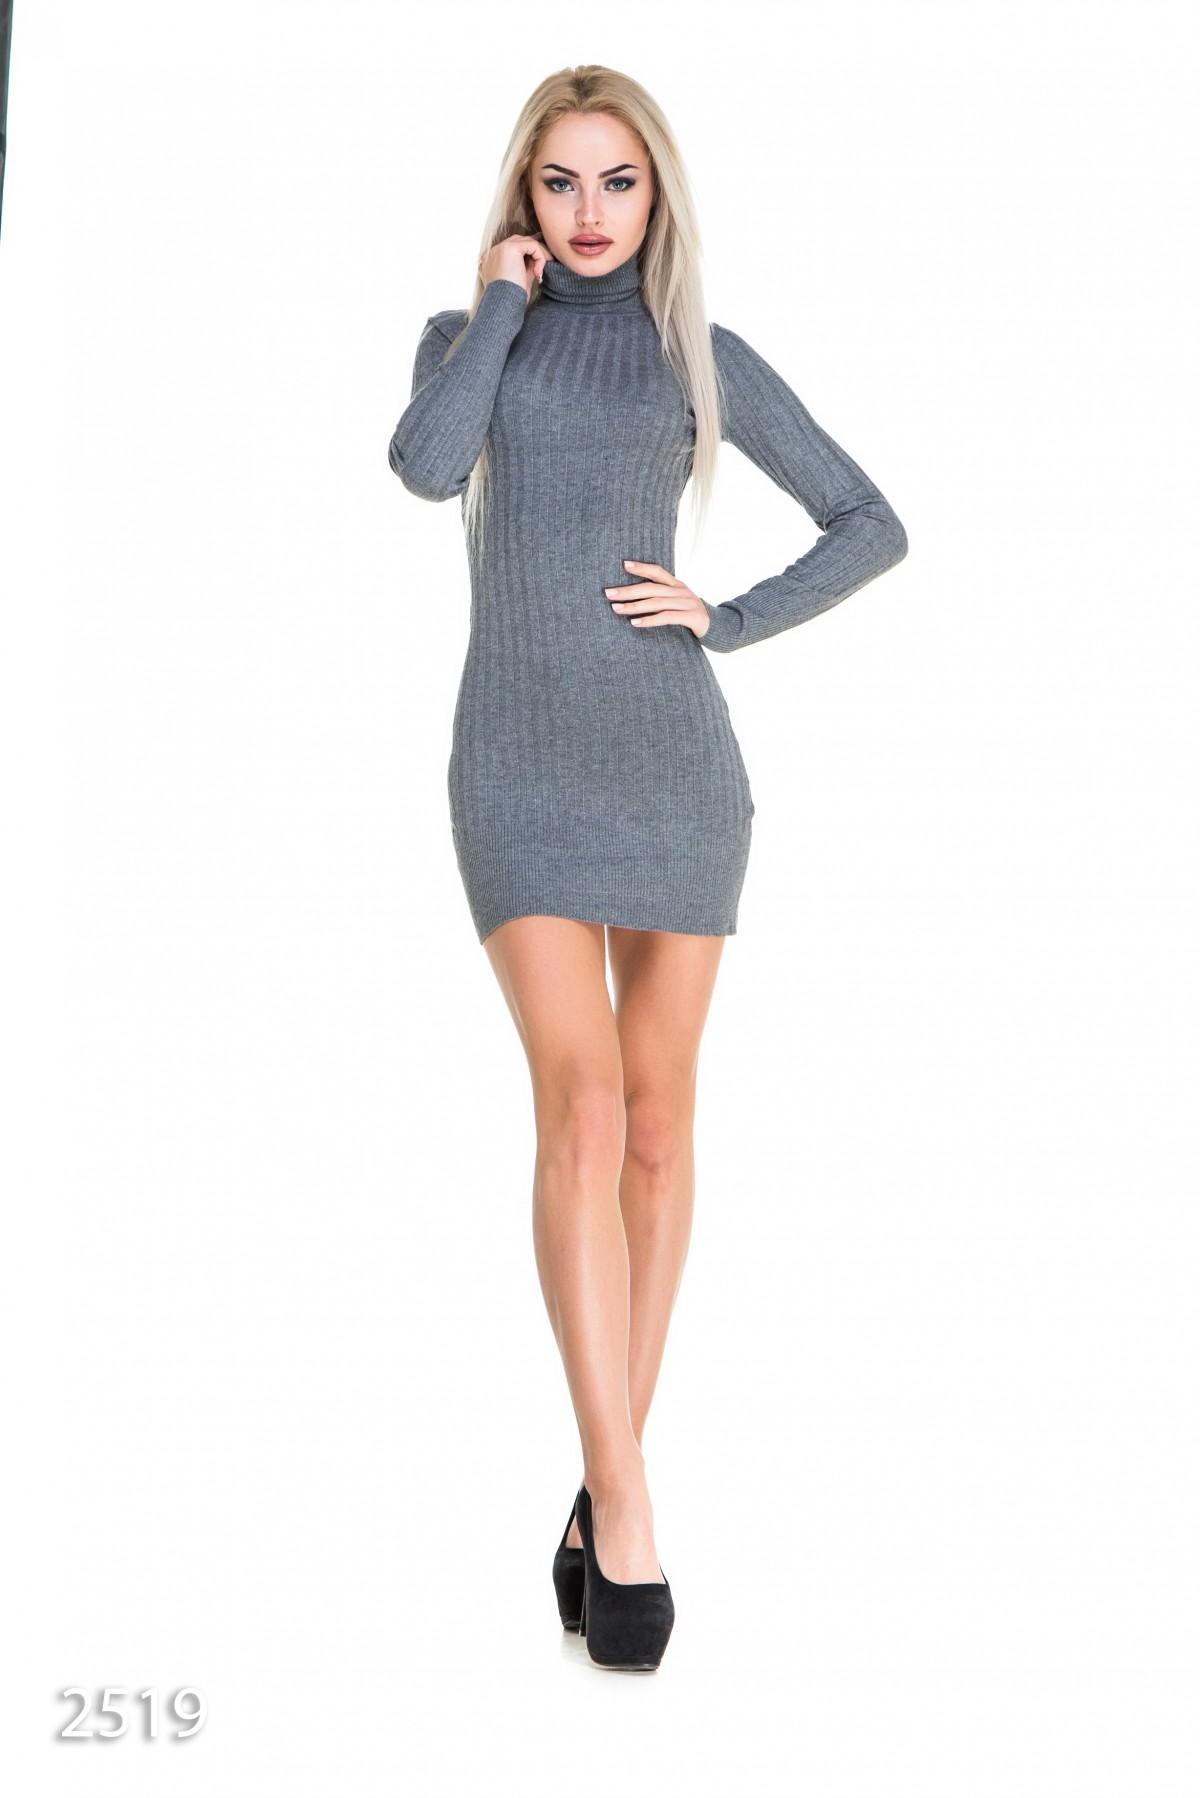 53c0e8e3abb679d Серое облегающее мини-платье с длинными рукавами в широкий трикотажный  рубчик: 303 грн.